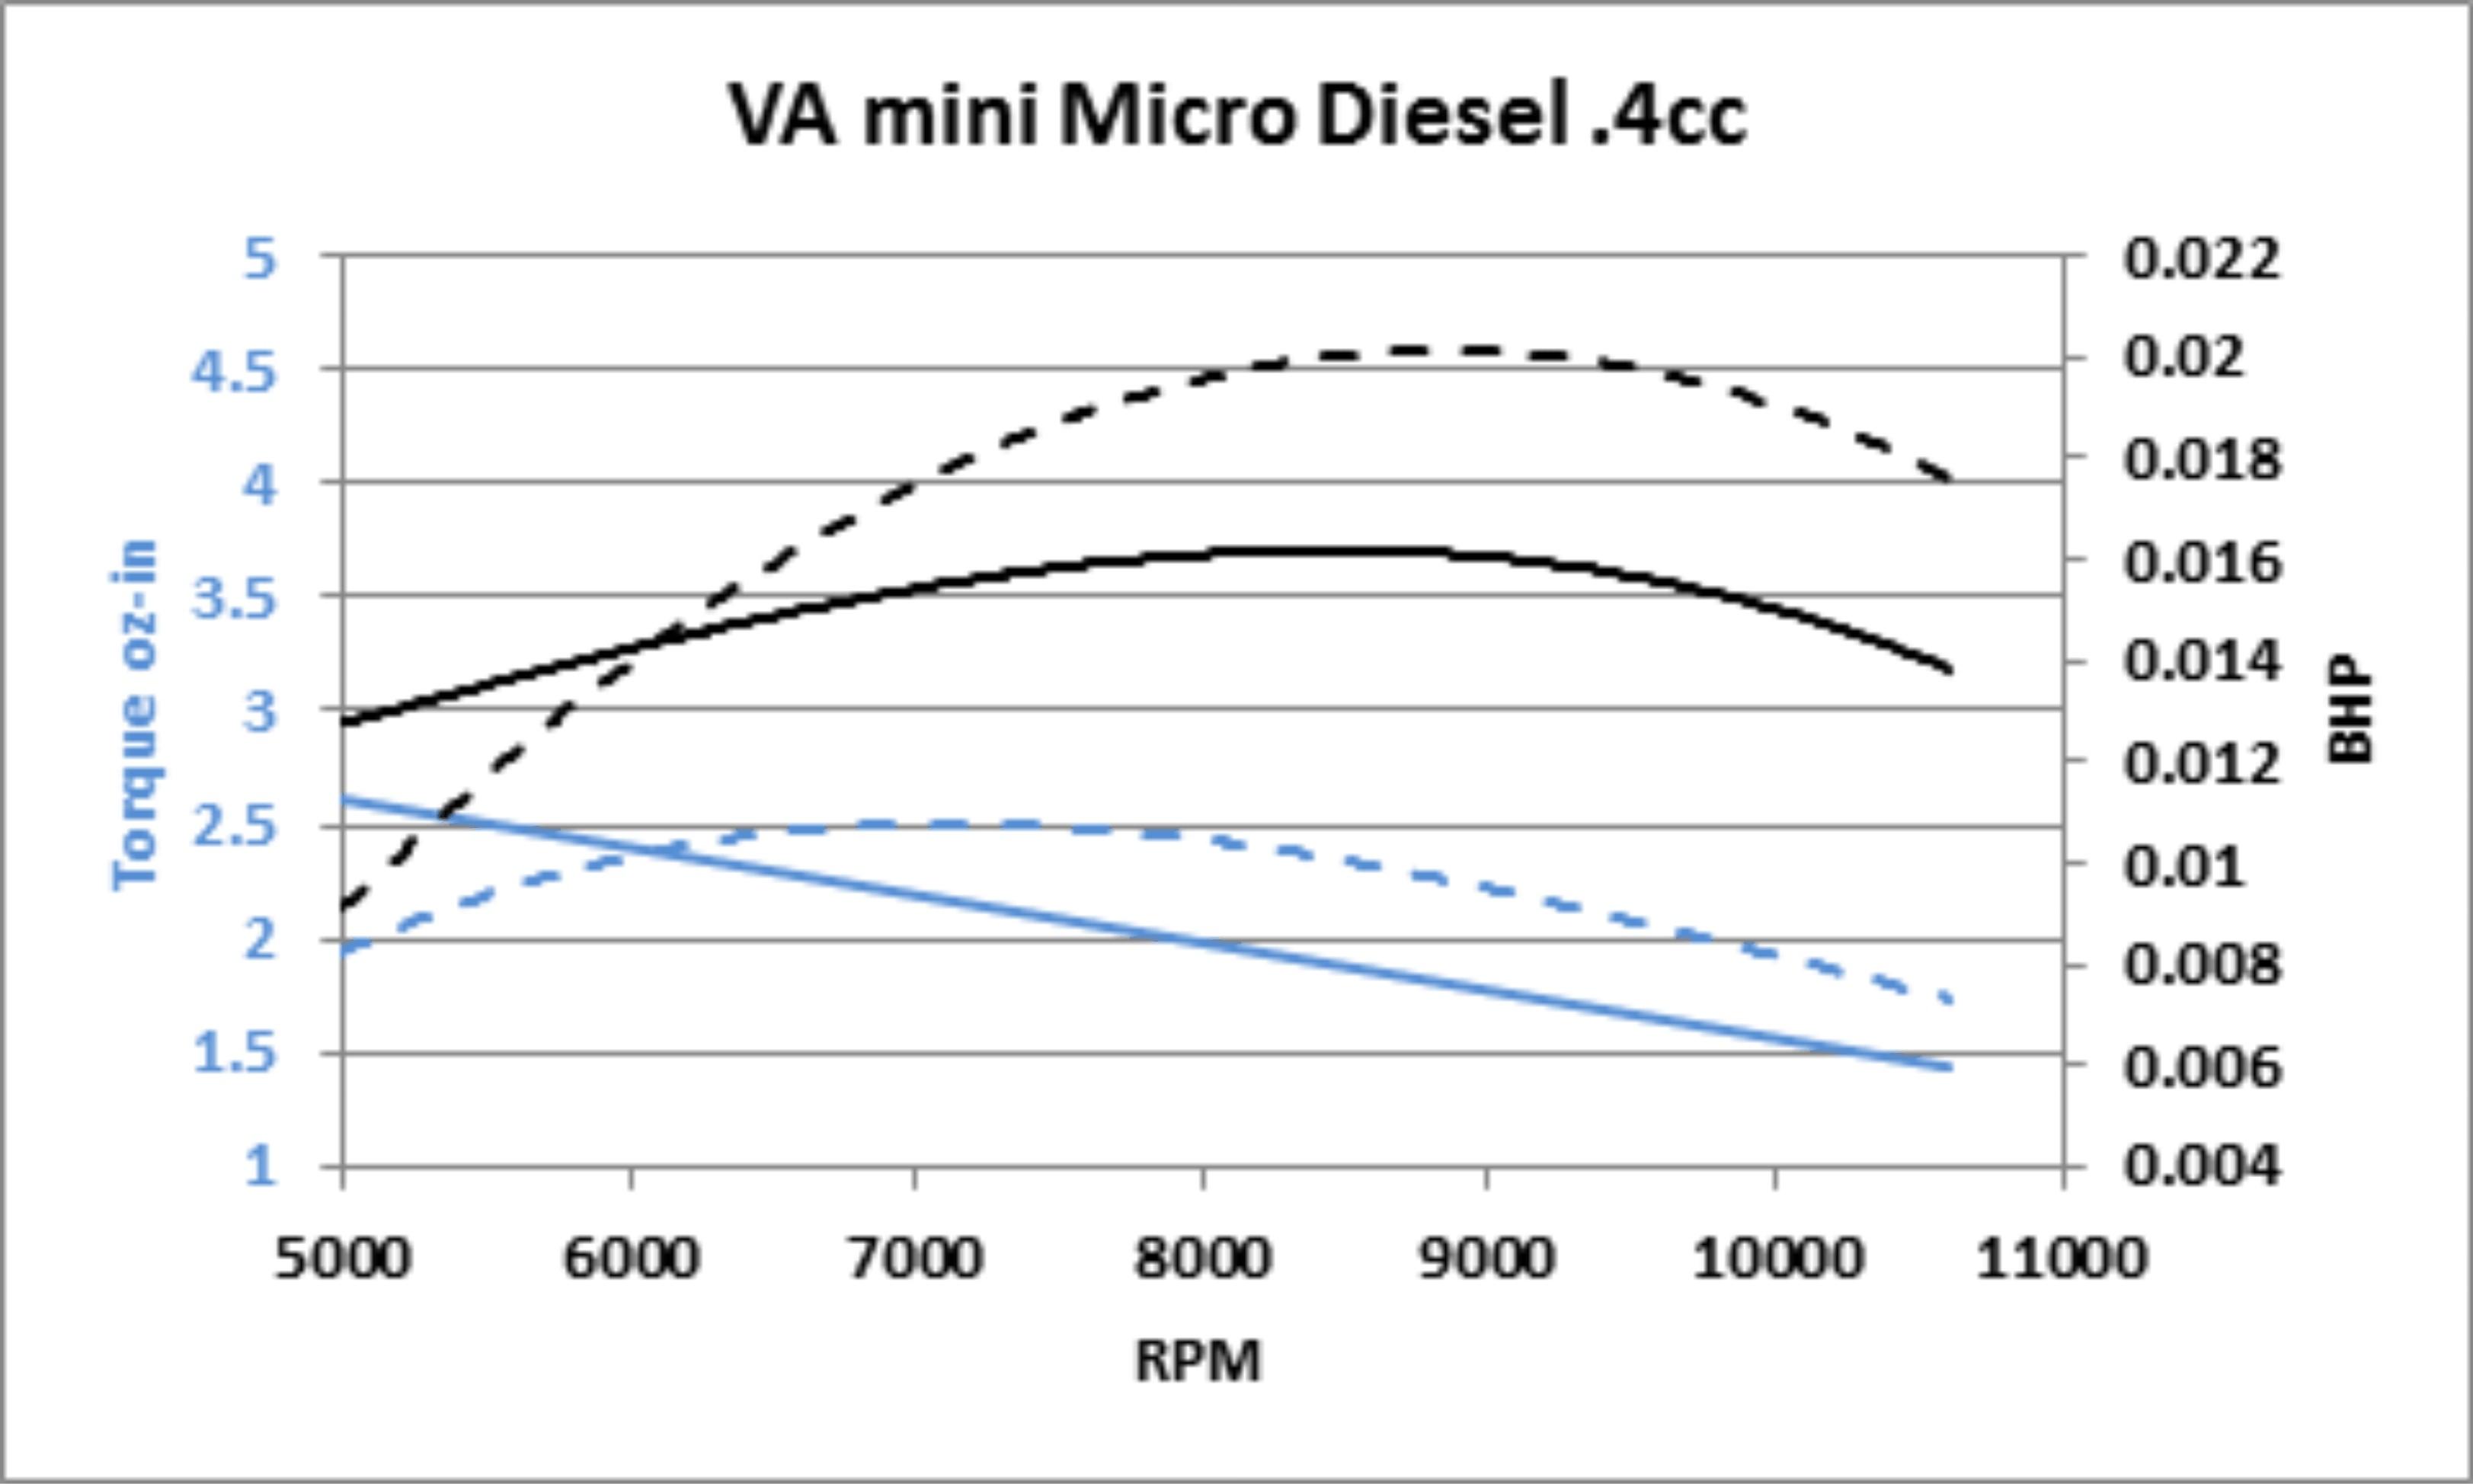 Port Timing Diagram Of Two Stroke Engine Adriansmodelaeroengines Va Mini Micro Diesel Of Port Timing Diagram Of Two Stroke Engine